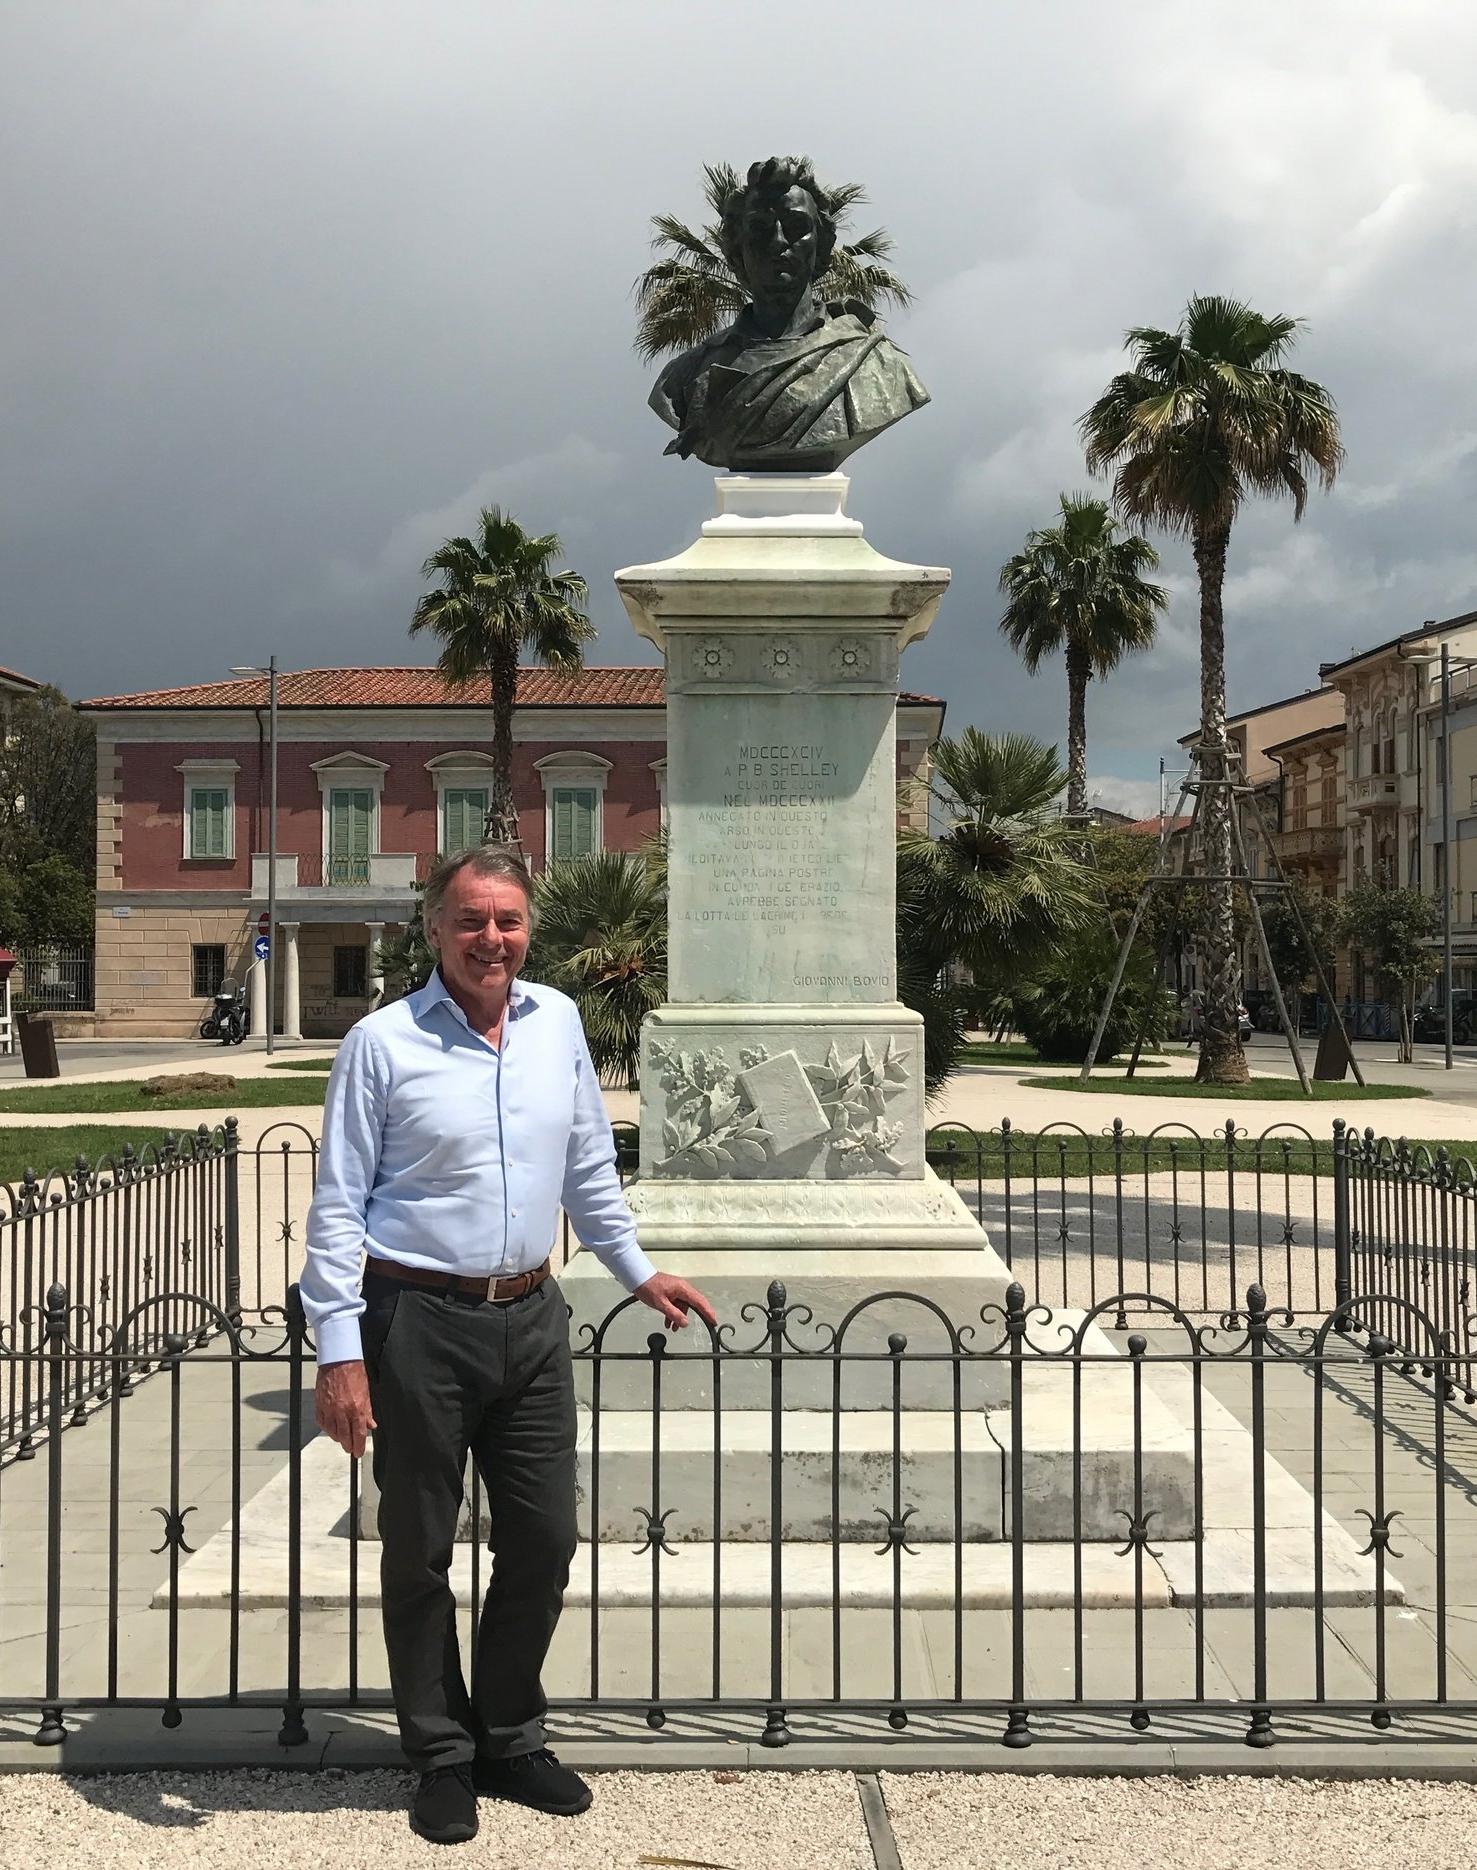 Shelley Square in Viareggio, Italy.